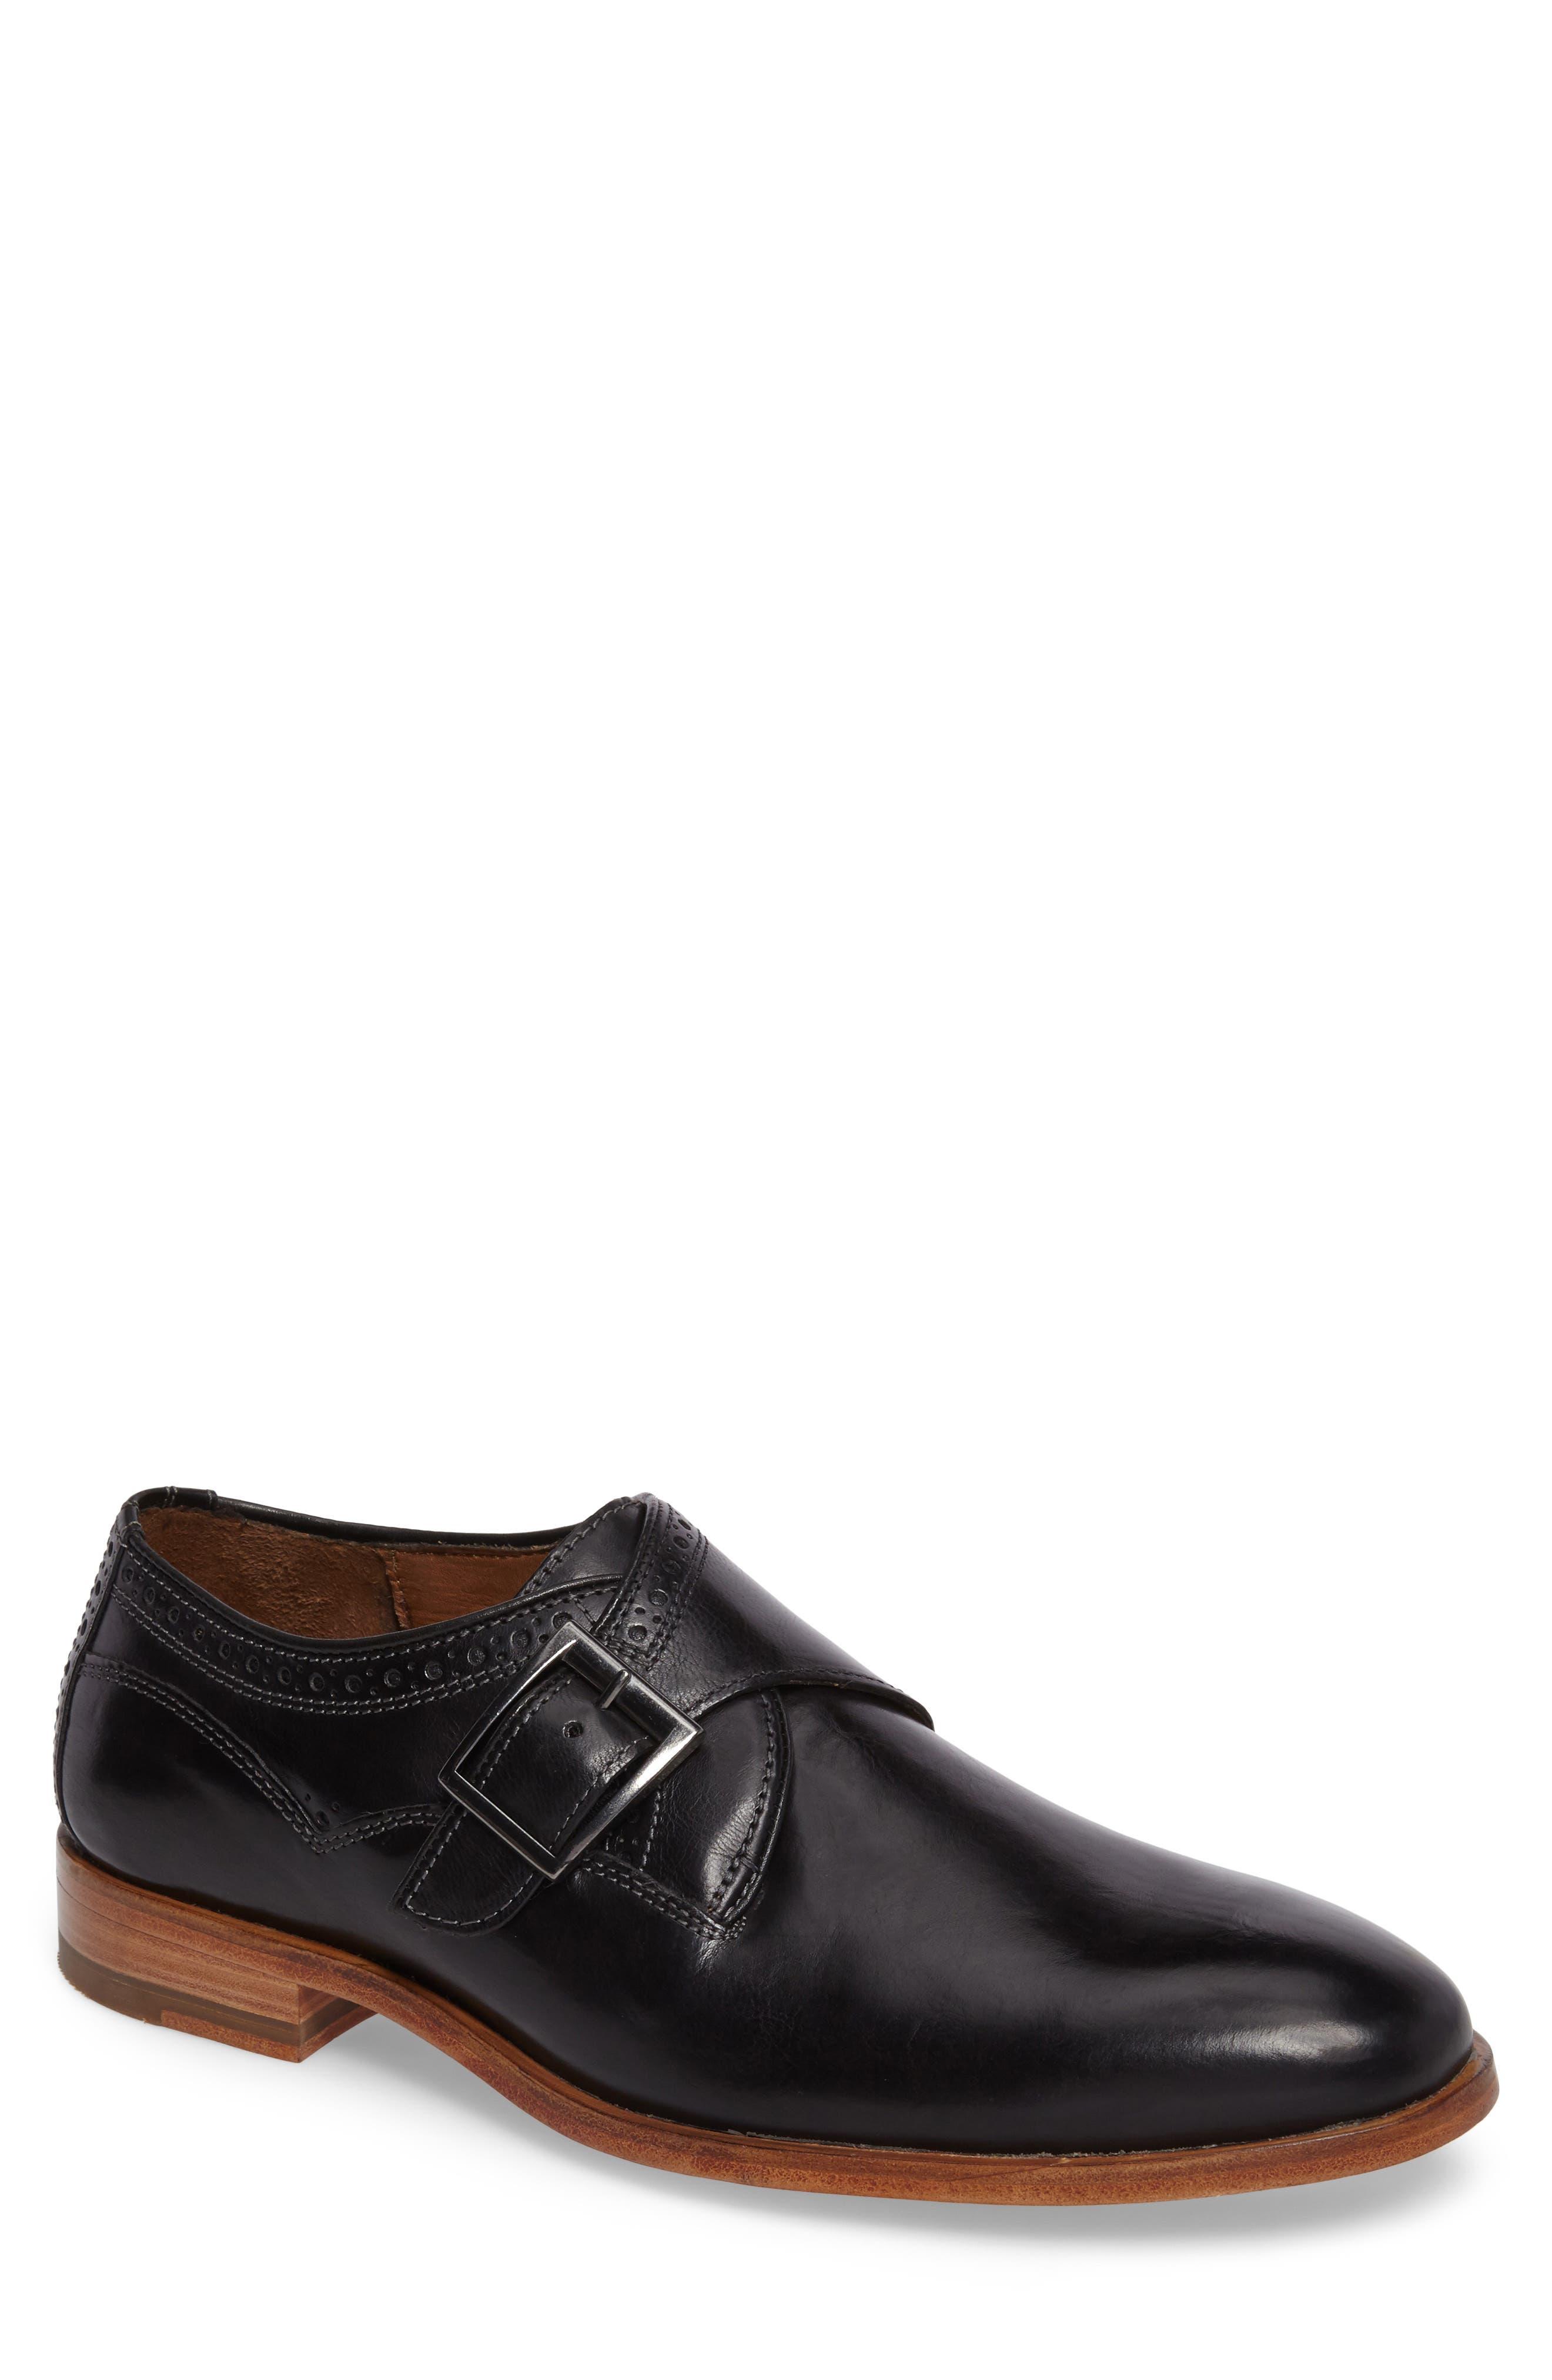 Graham Monk Strap Shoe,                             Main thumbnail 1, color,                             001